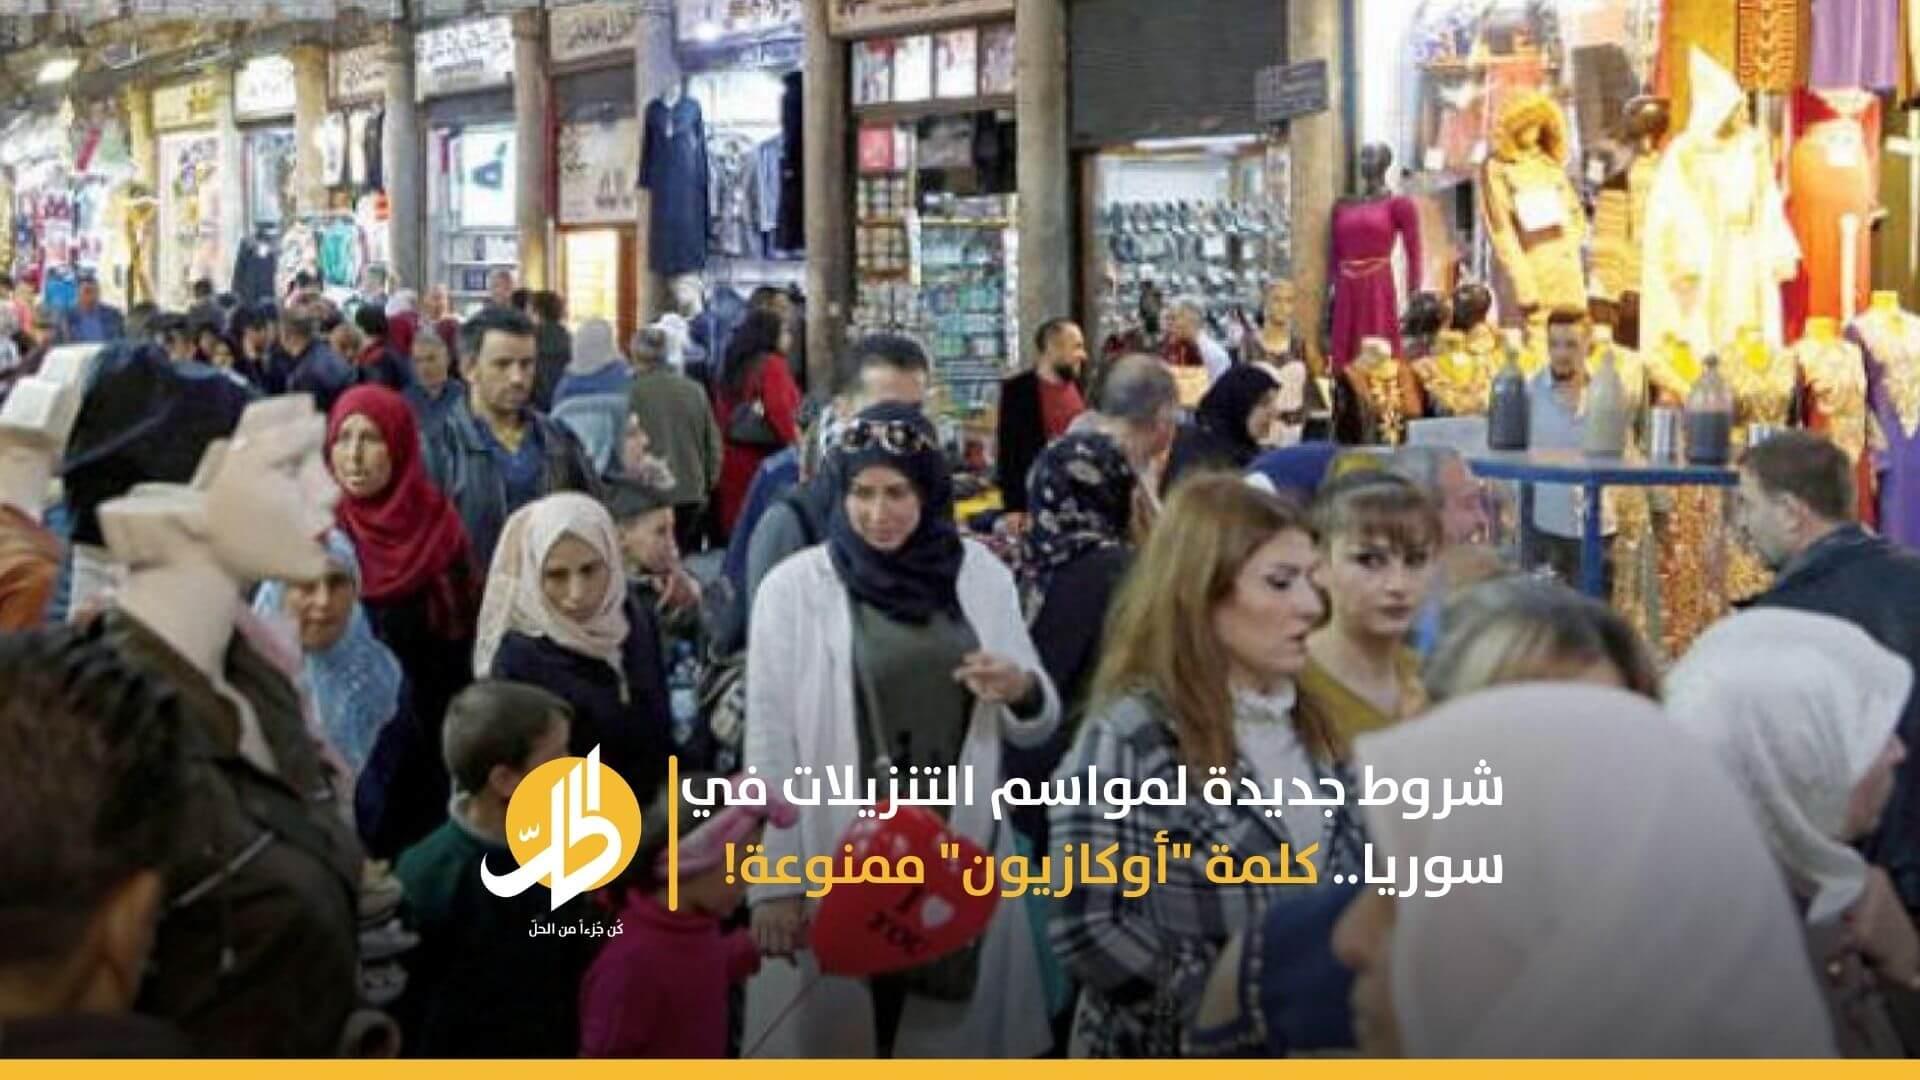 """شروط جديدة لمواسم التنزيلات في سوريا.. كلمة """"أوكازيون"""" ممنوعة!"""